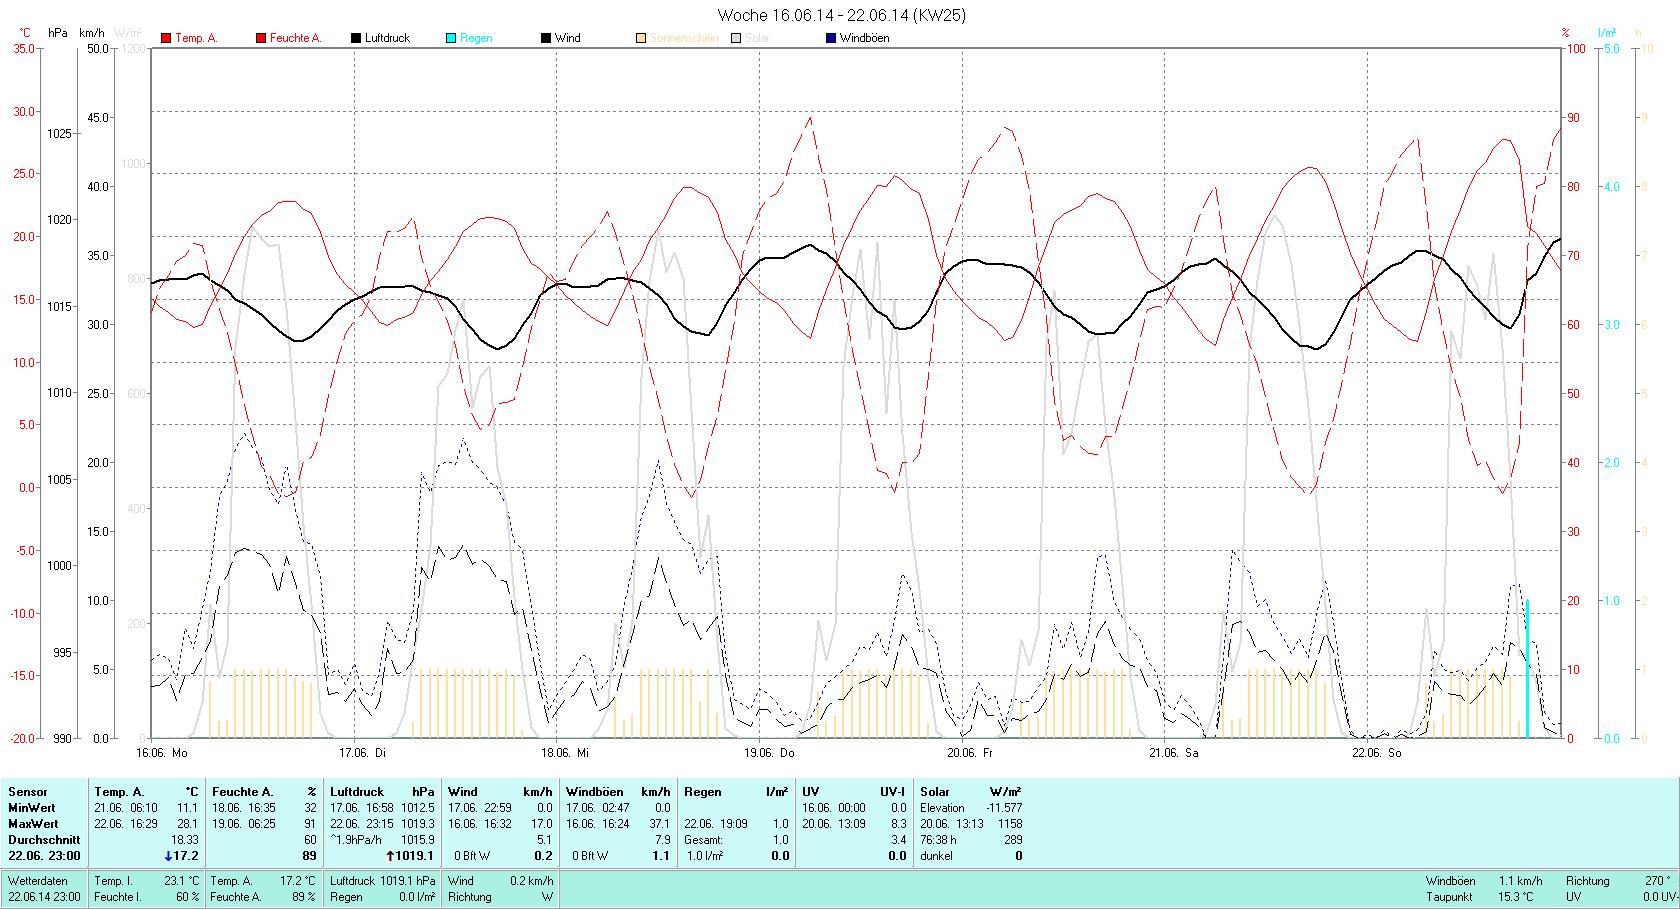 KW 25 Tmin 11.1°C, Tmax 28.1°C, Sonne 76:38h, Niederschlag 1.0mm/2